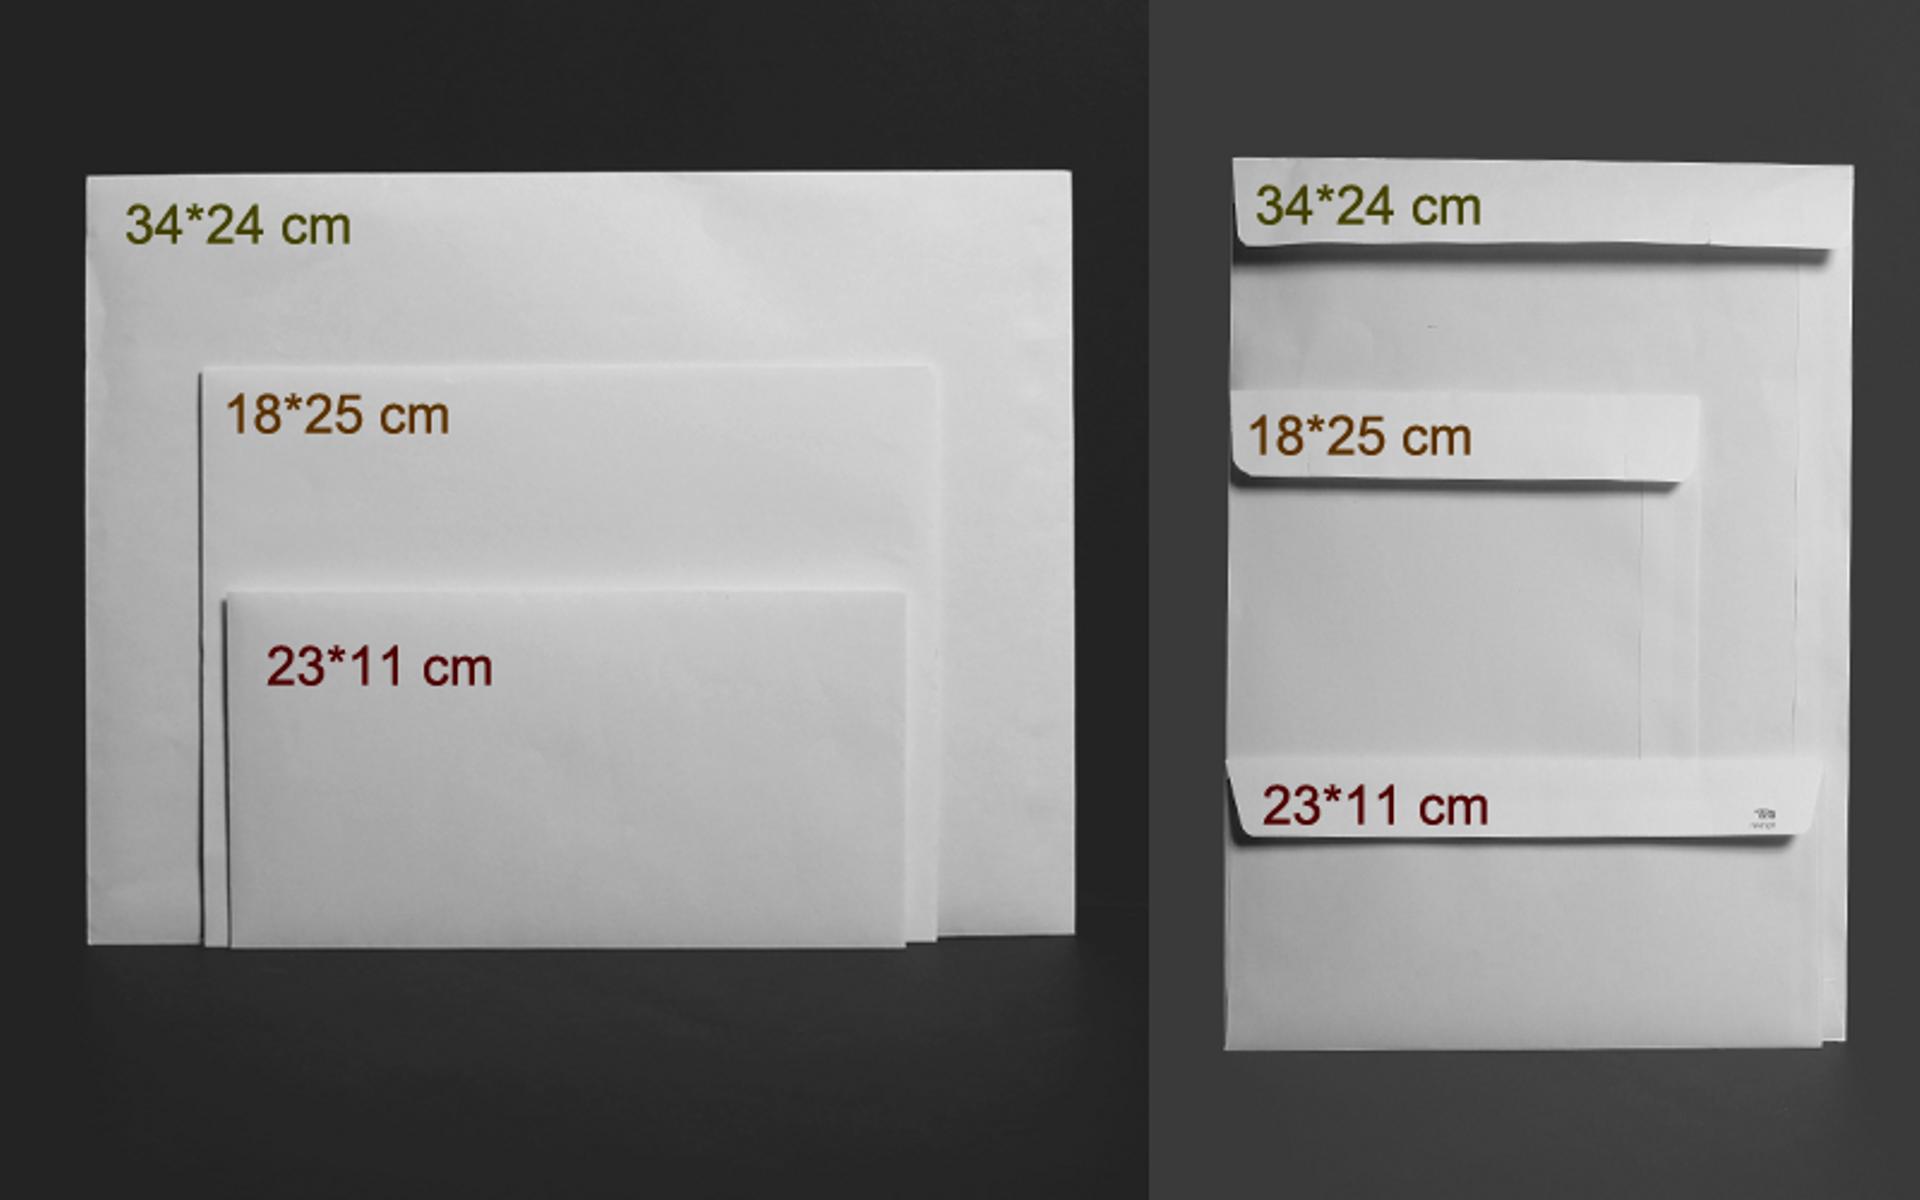 """=מעטפות גודל  18/25 ס""""מ הדפסה צבעונית במדפסת."""